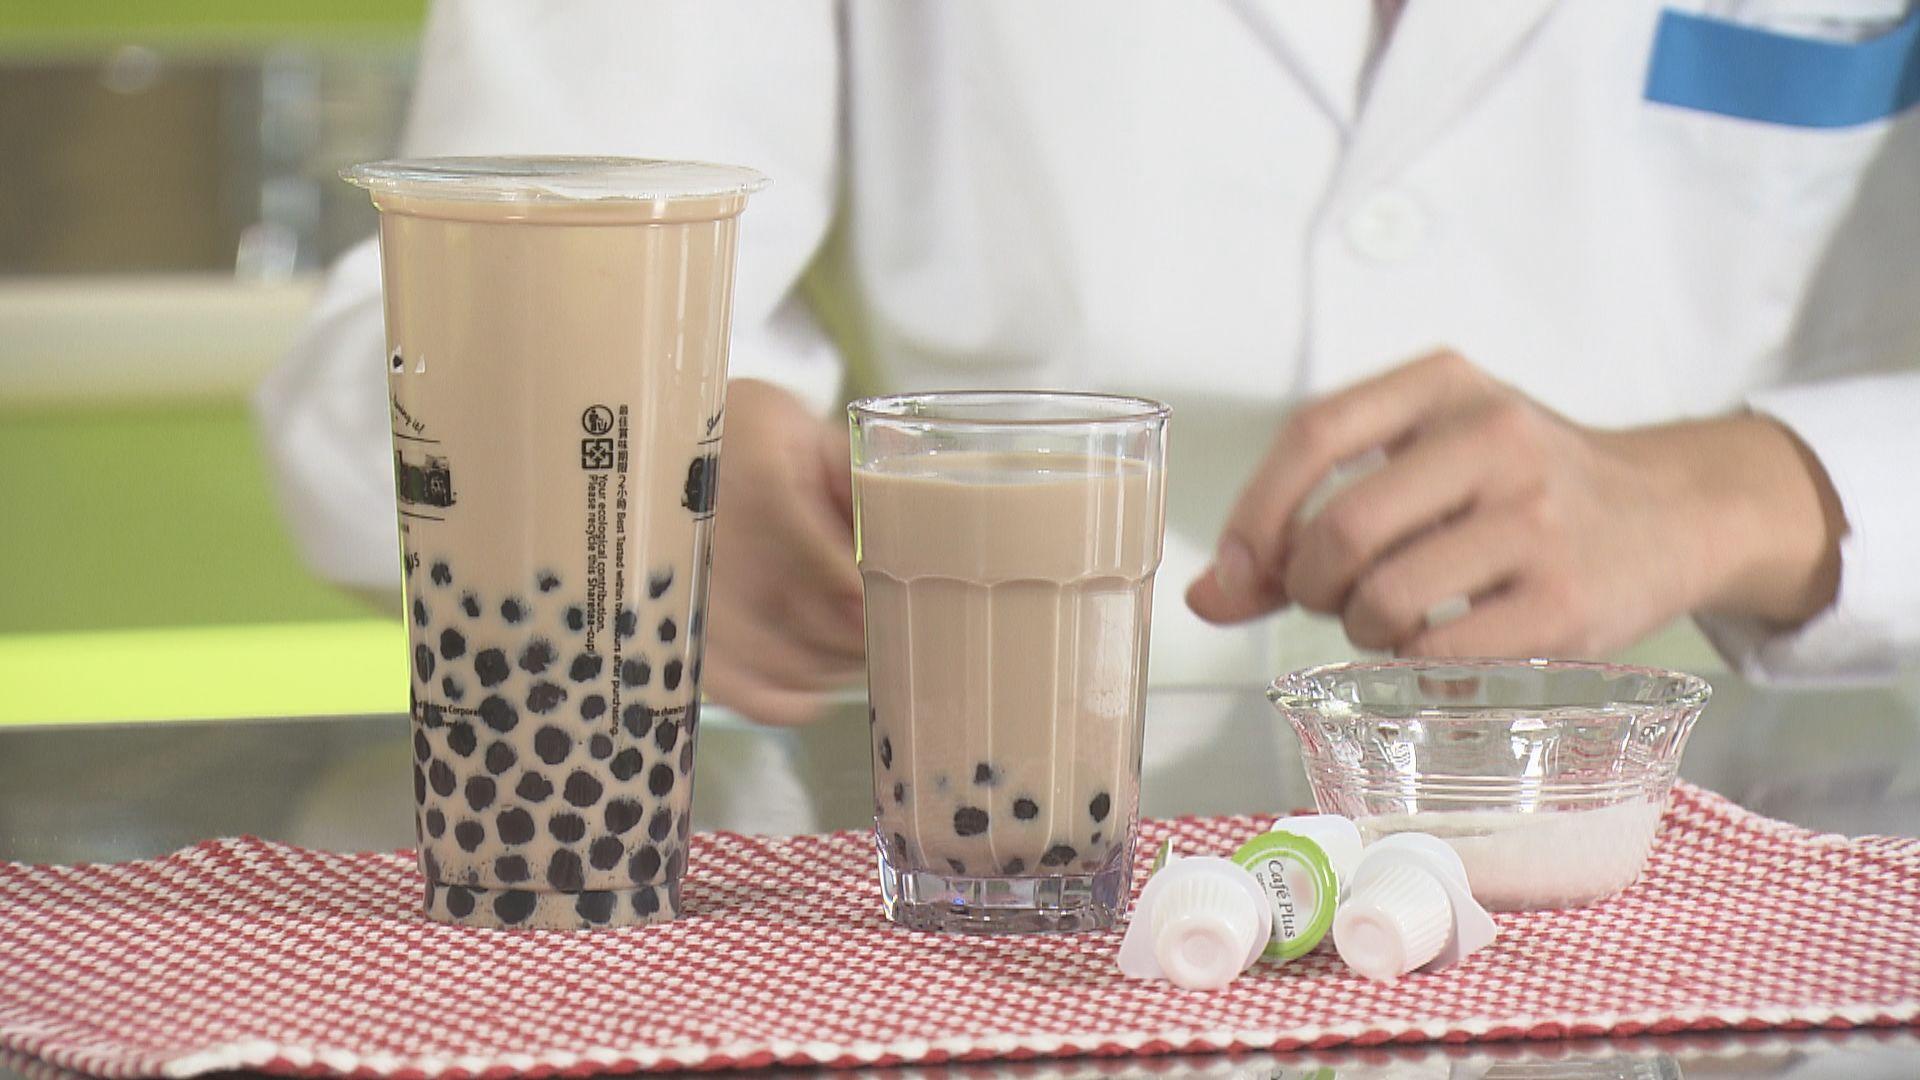 【杏林在線—健康1分鐘+】珍珠奶茶沒有奶?